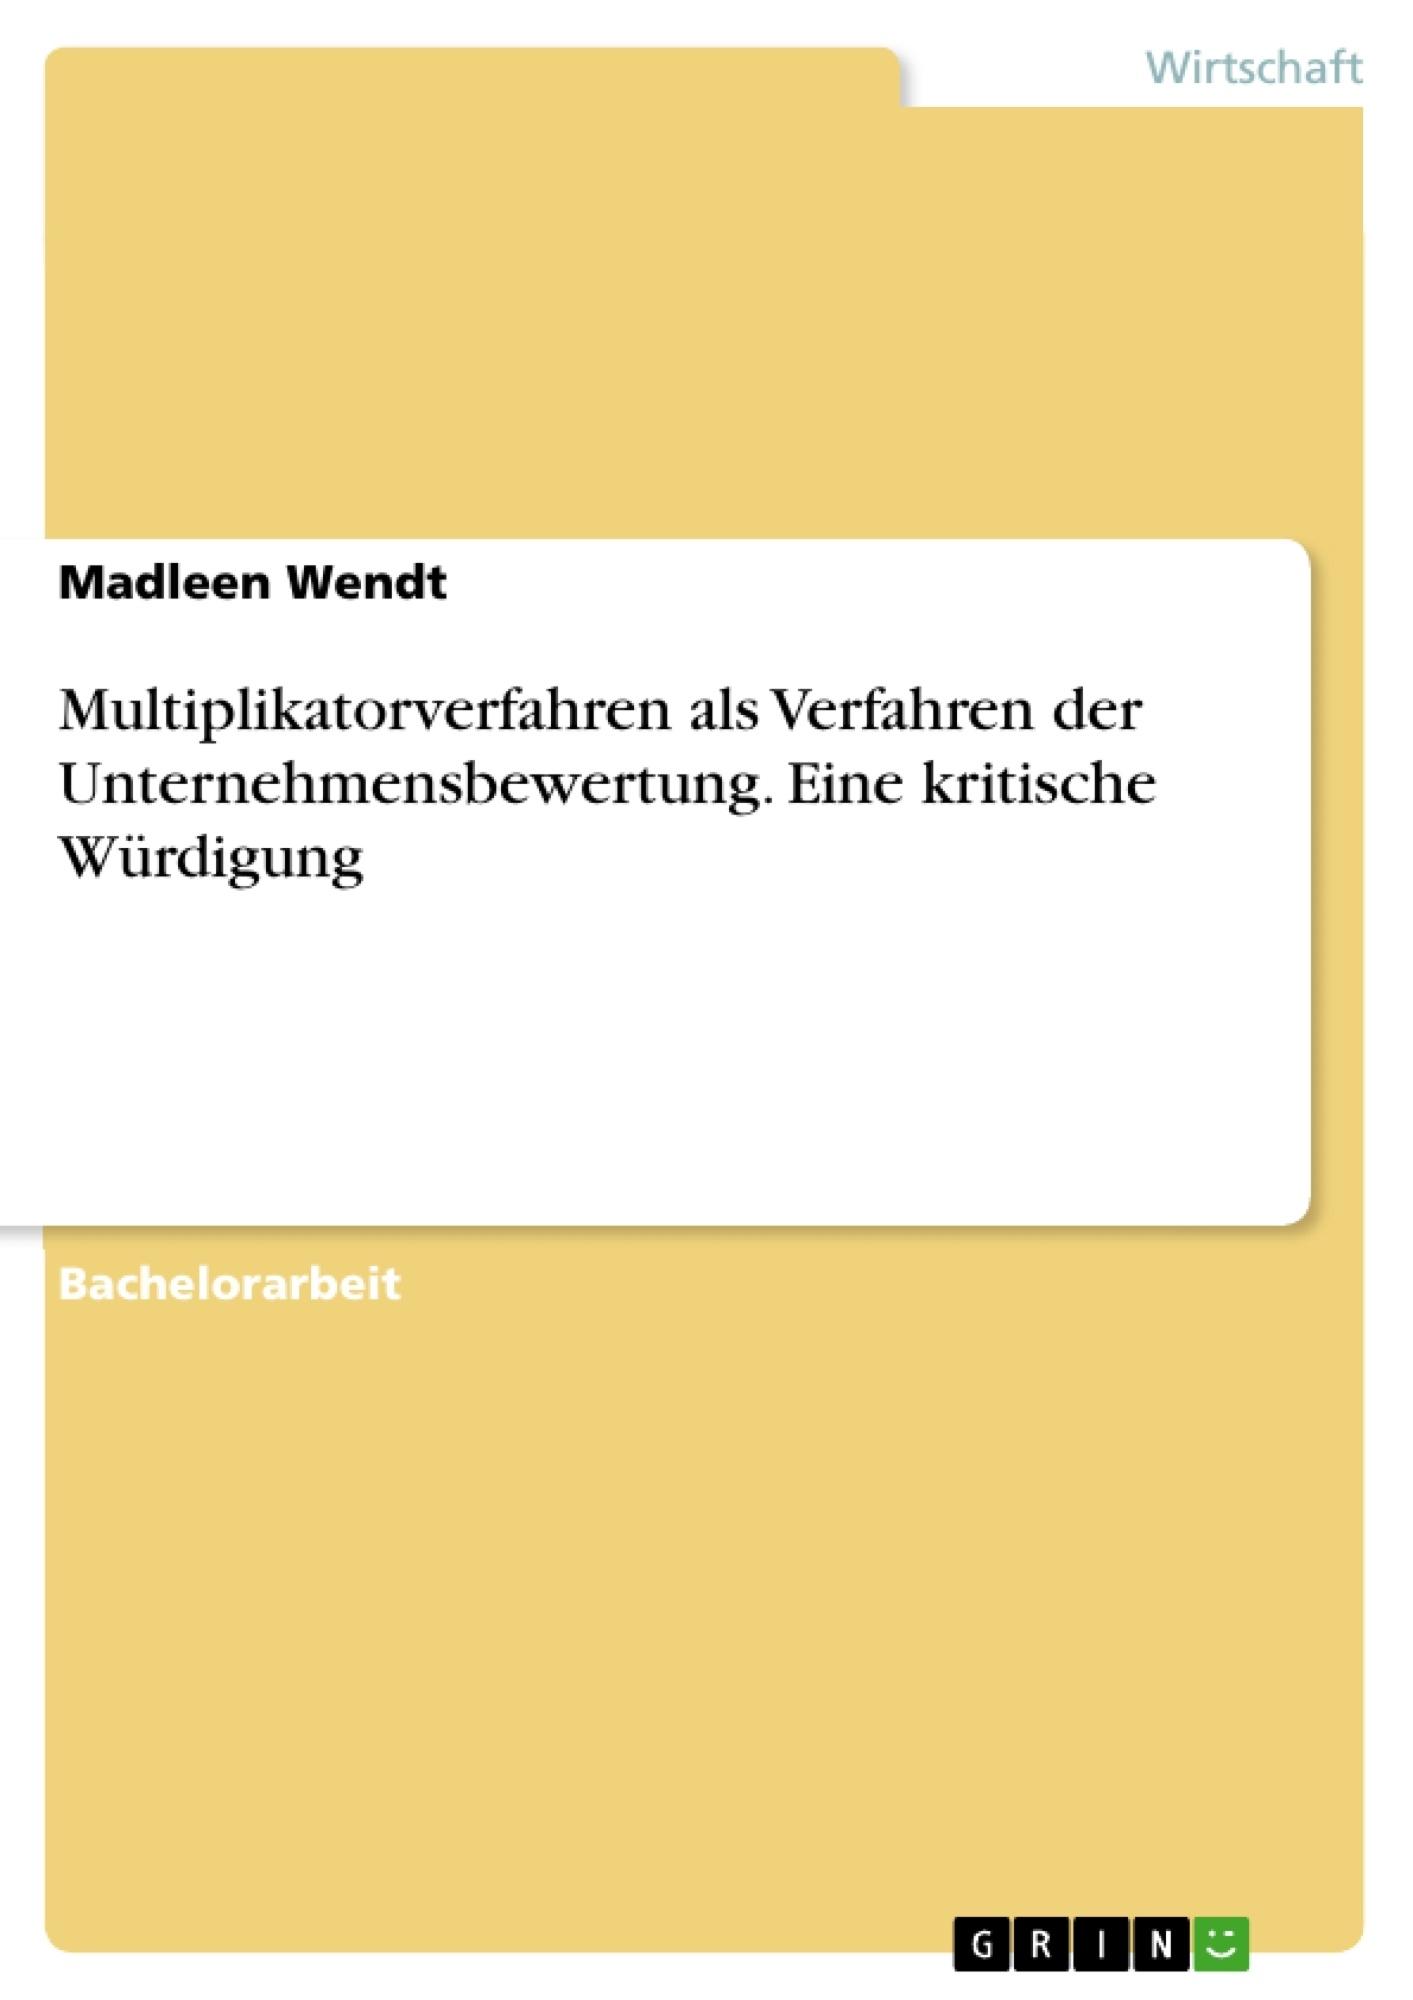 Titel: Multiplikatorverfahren als Verfahren der Unternehmensbewertung. Eine kritische Würdigung